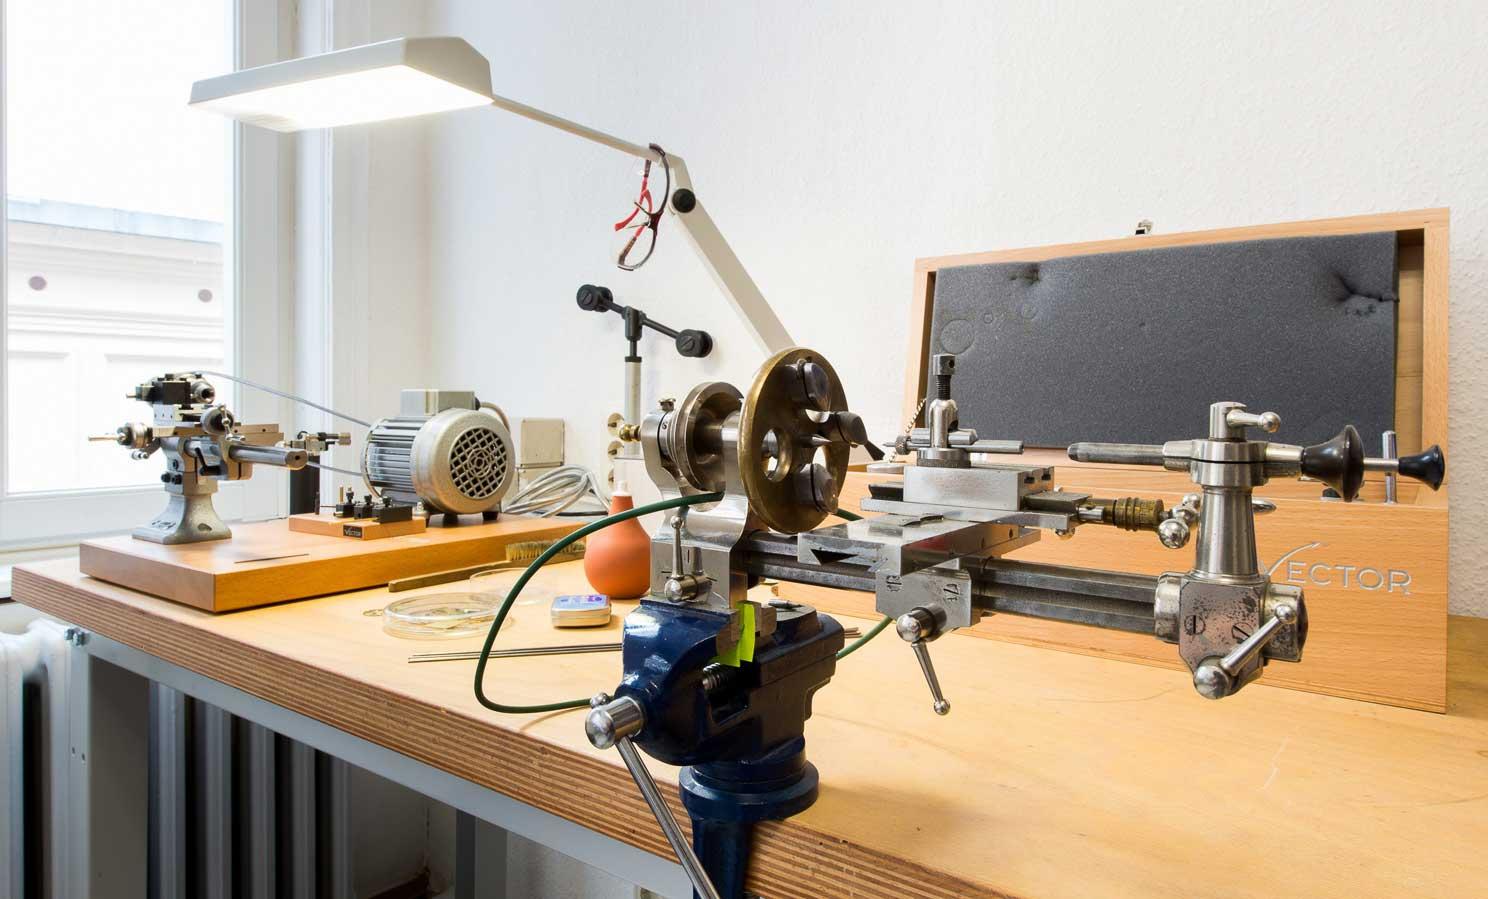 Drehmaschinen zur Teileherstellung